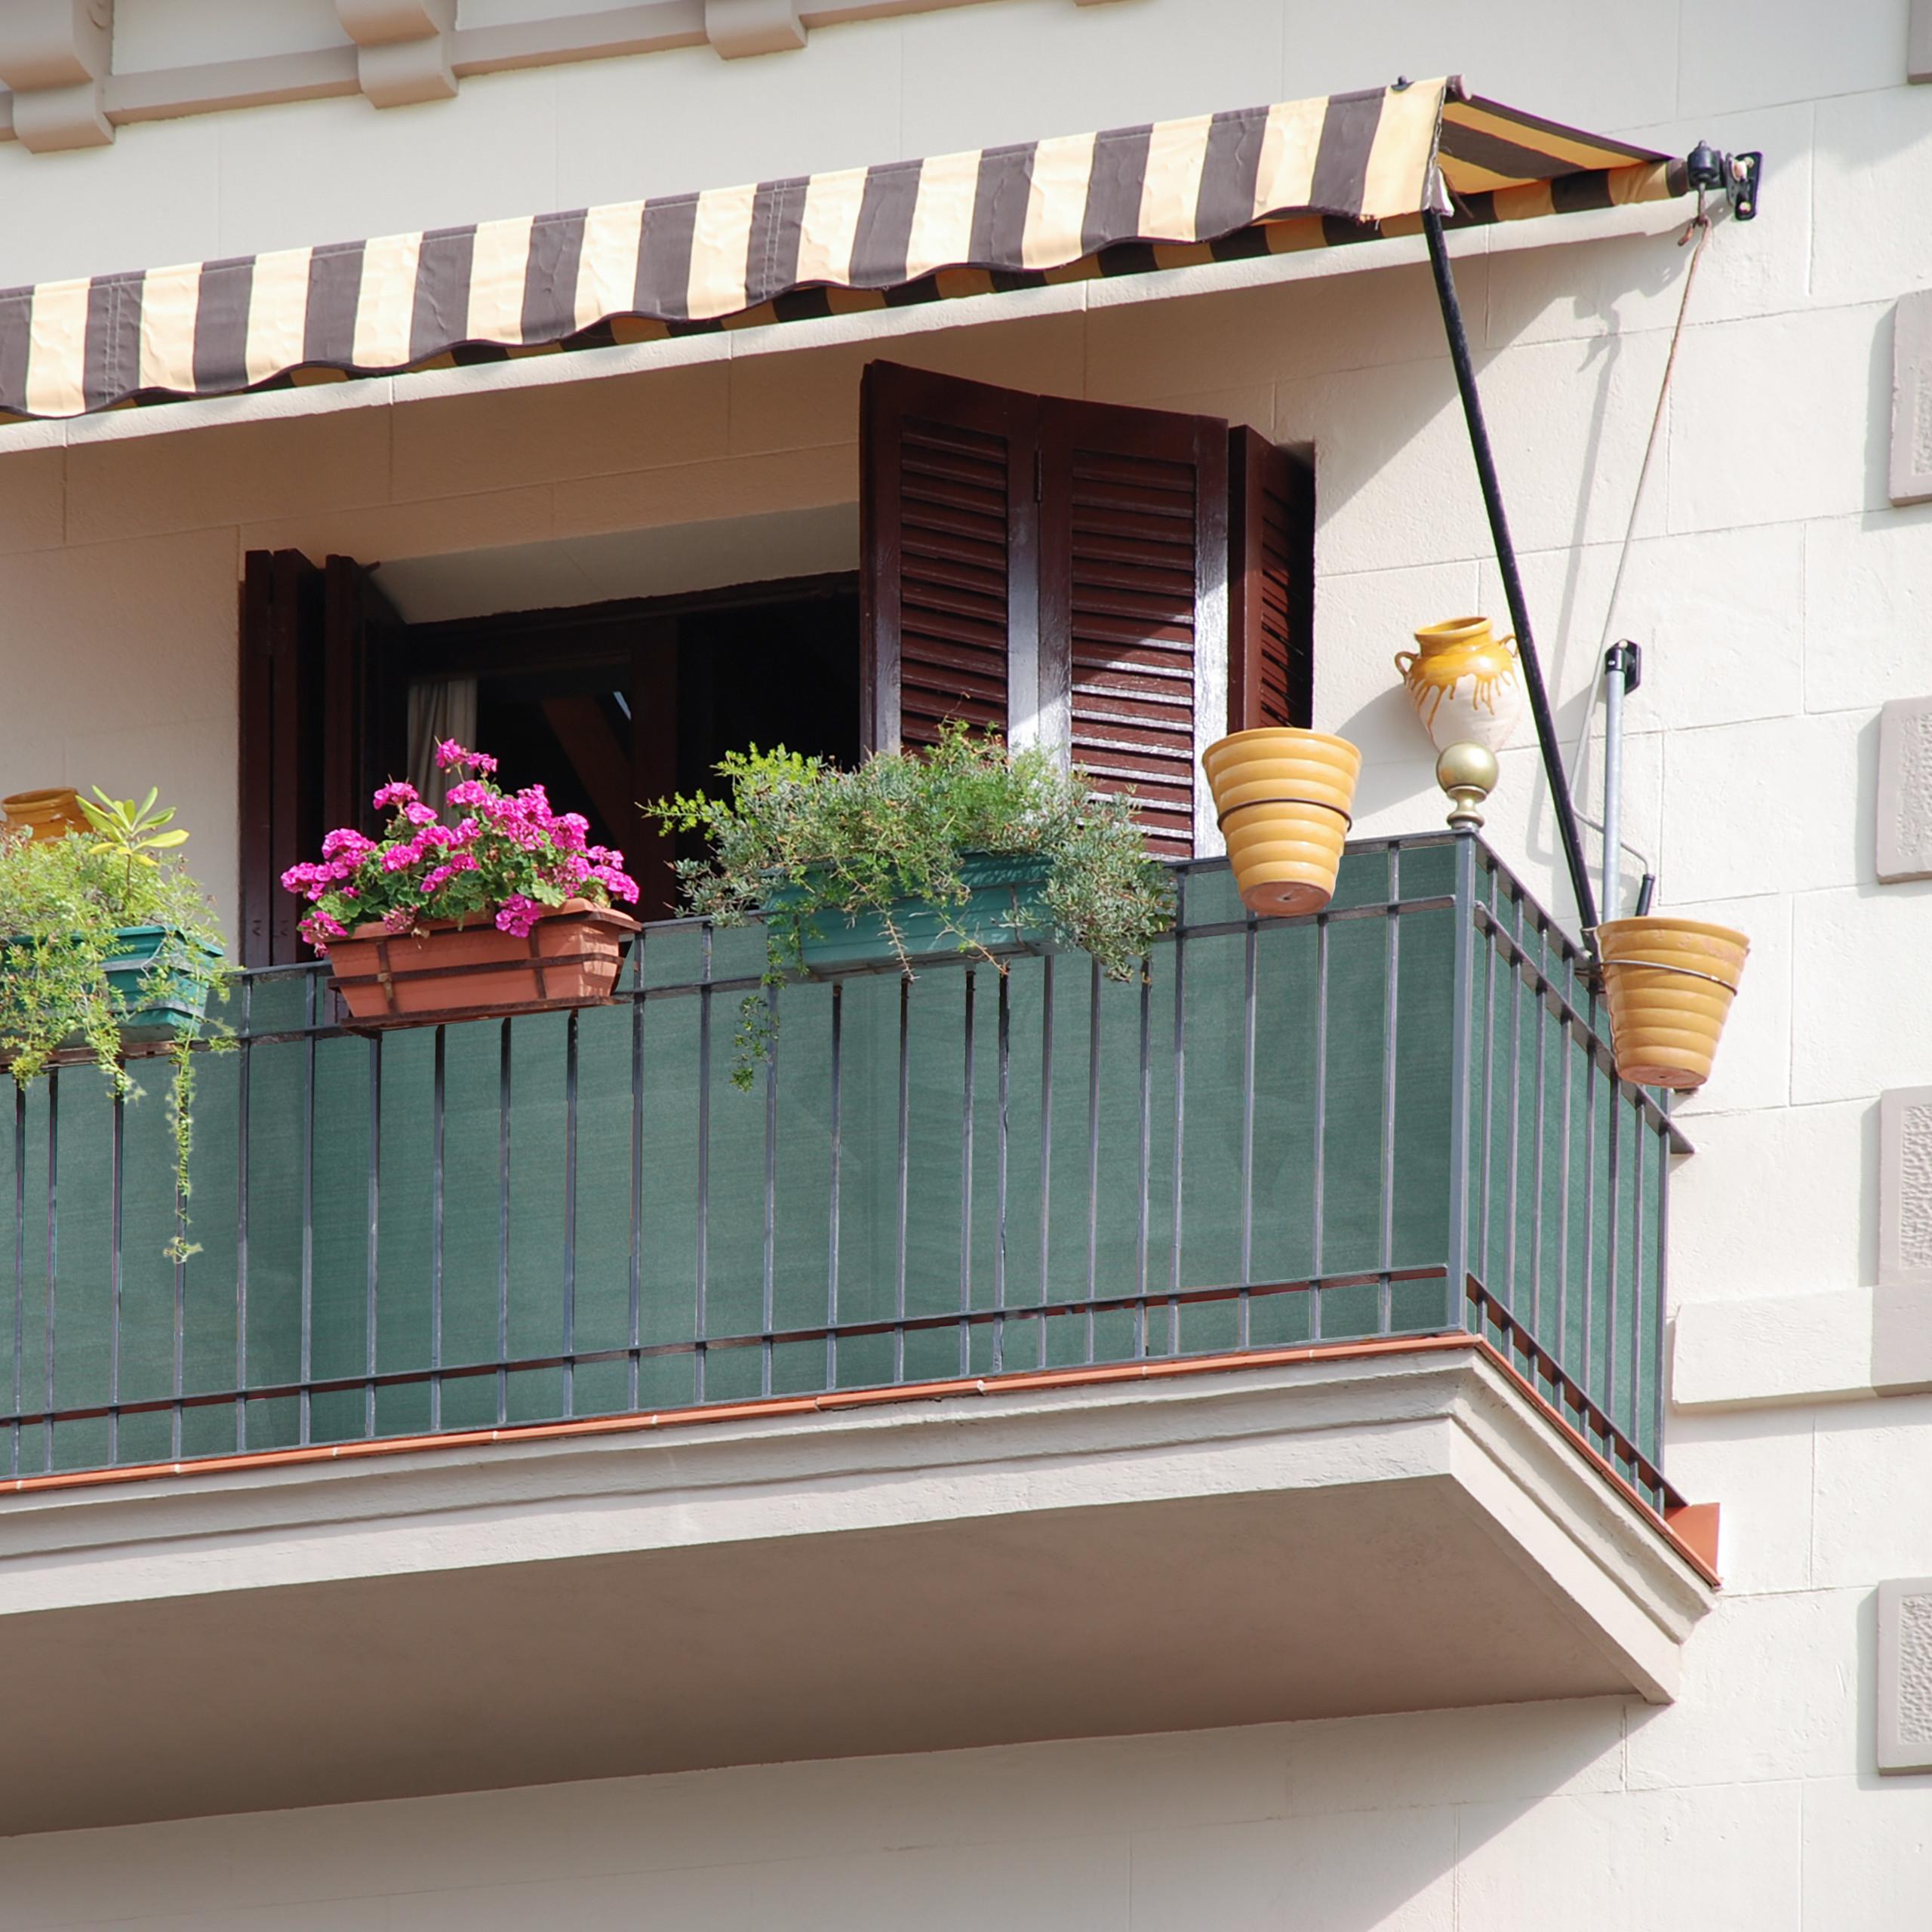 Indexbild 12 - Zaunblende grün 1m hoch, Sichtschutz Gartenzaun, Zaunsichtschutz, HDPE 150g/m²